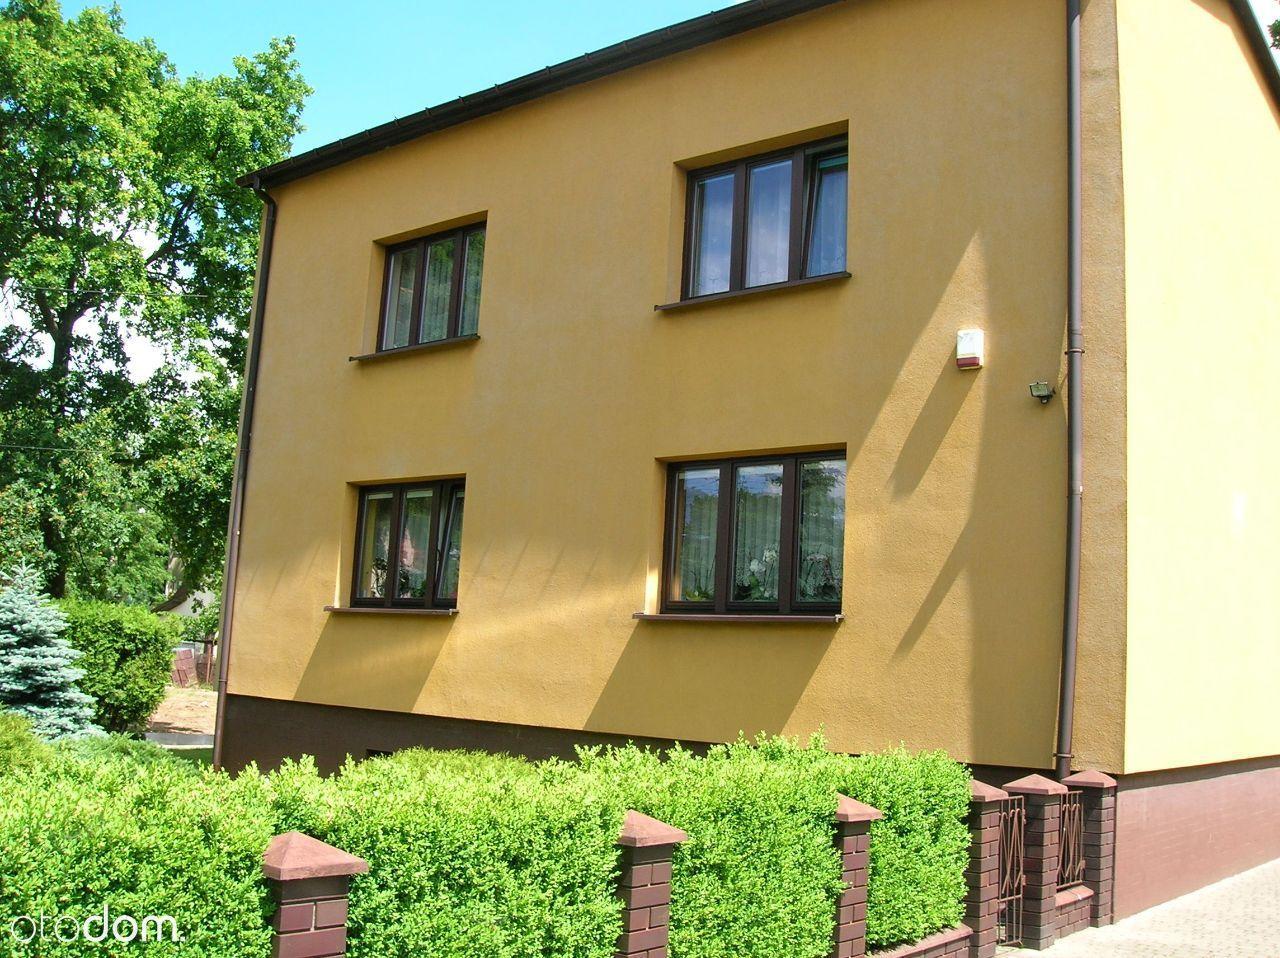 Dom na sprzedaż, Legionowo, legionowski, mazowieckie - Foto 3